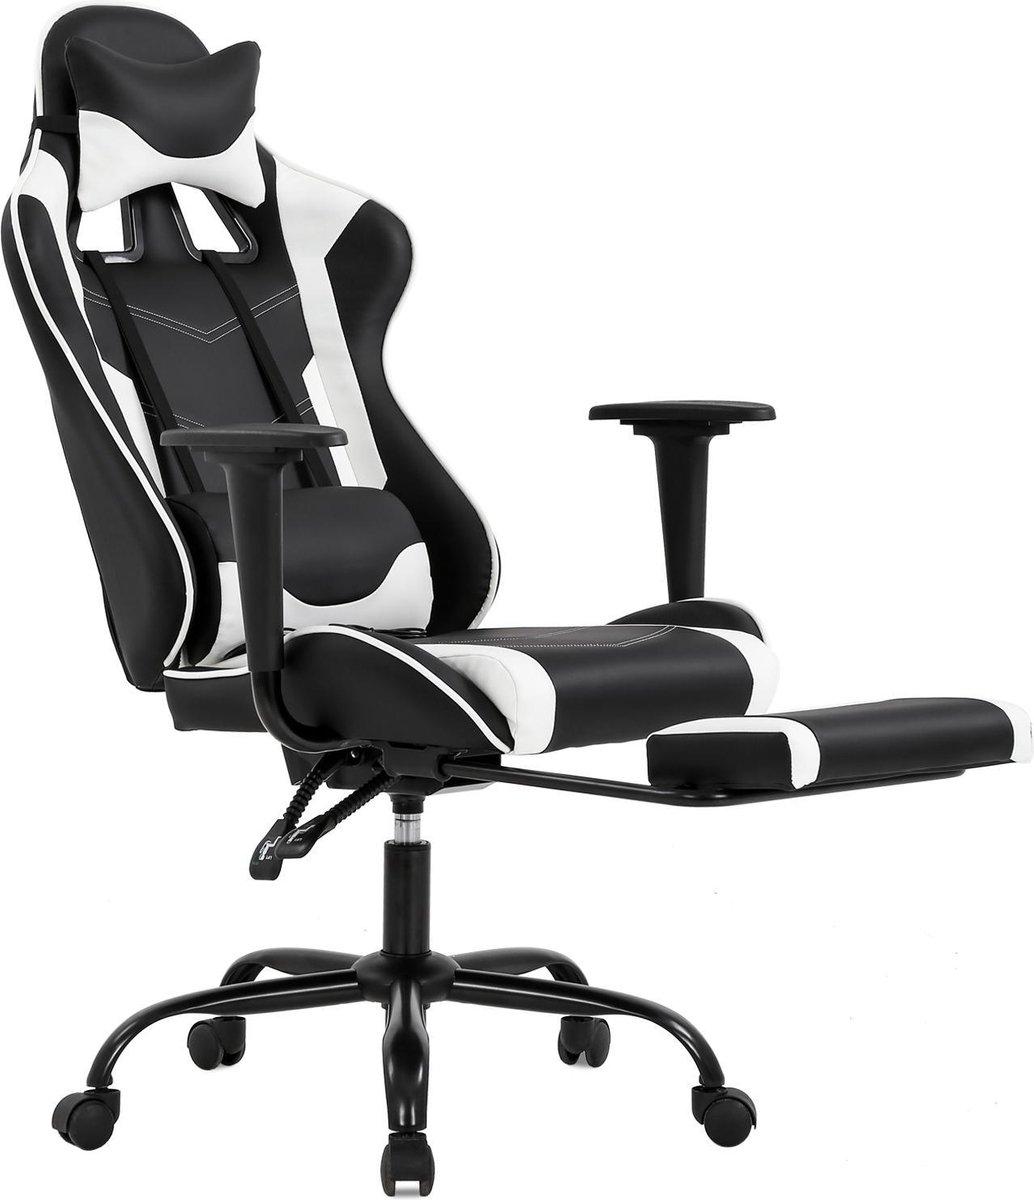 Best Office OC-1688 Bureaustoel - Wit - Ergonomisch - Met Lendensteun - PU-leer - Verstelbaar